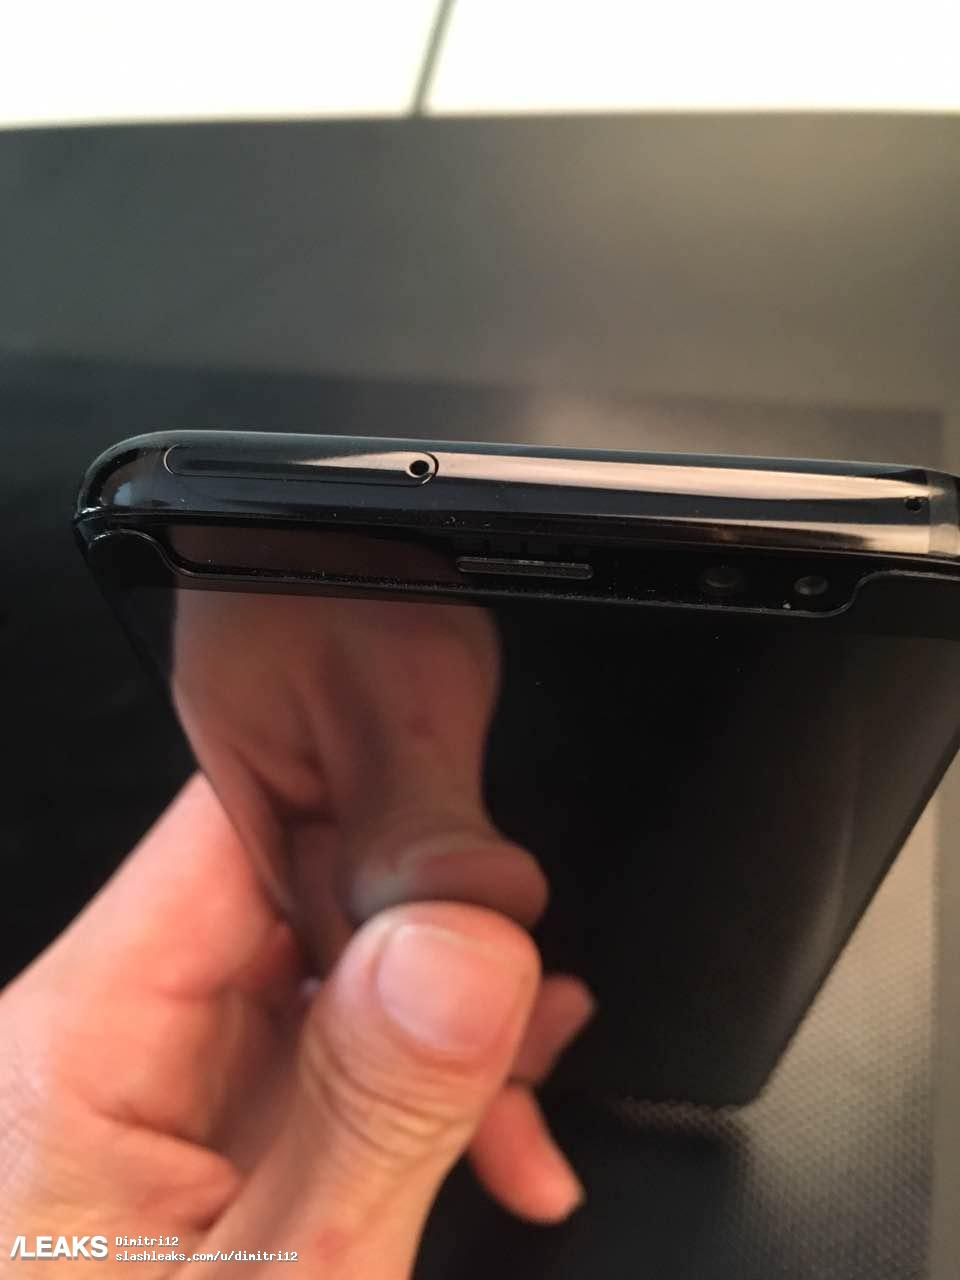 المزيد من الصور المسربة الواقعية للهاتف Galaxy S8 تتيح لنا رؤية الهاتف بشكل أدق